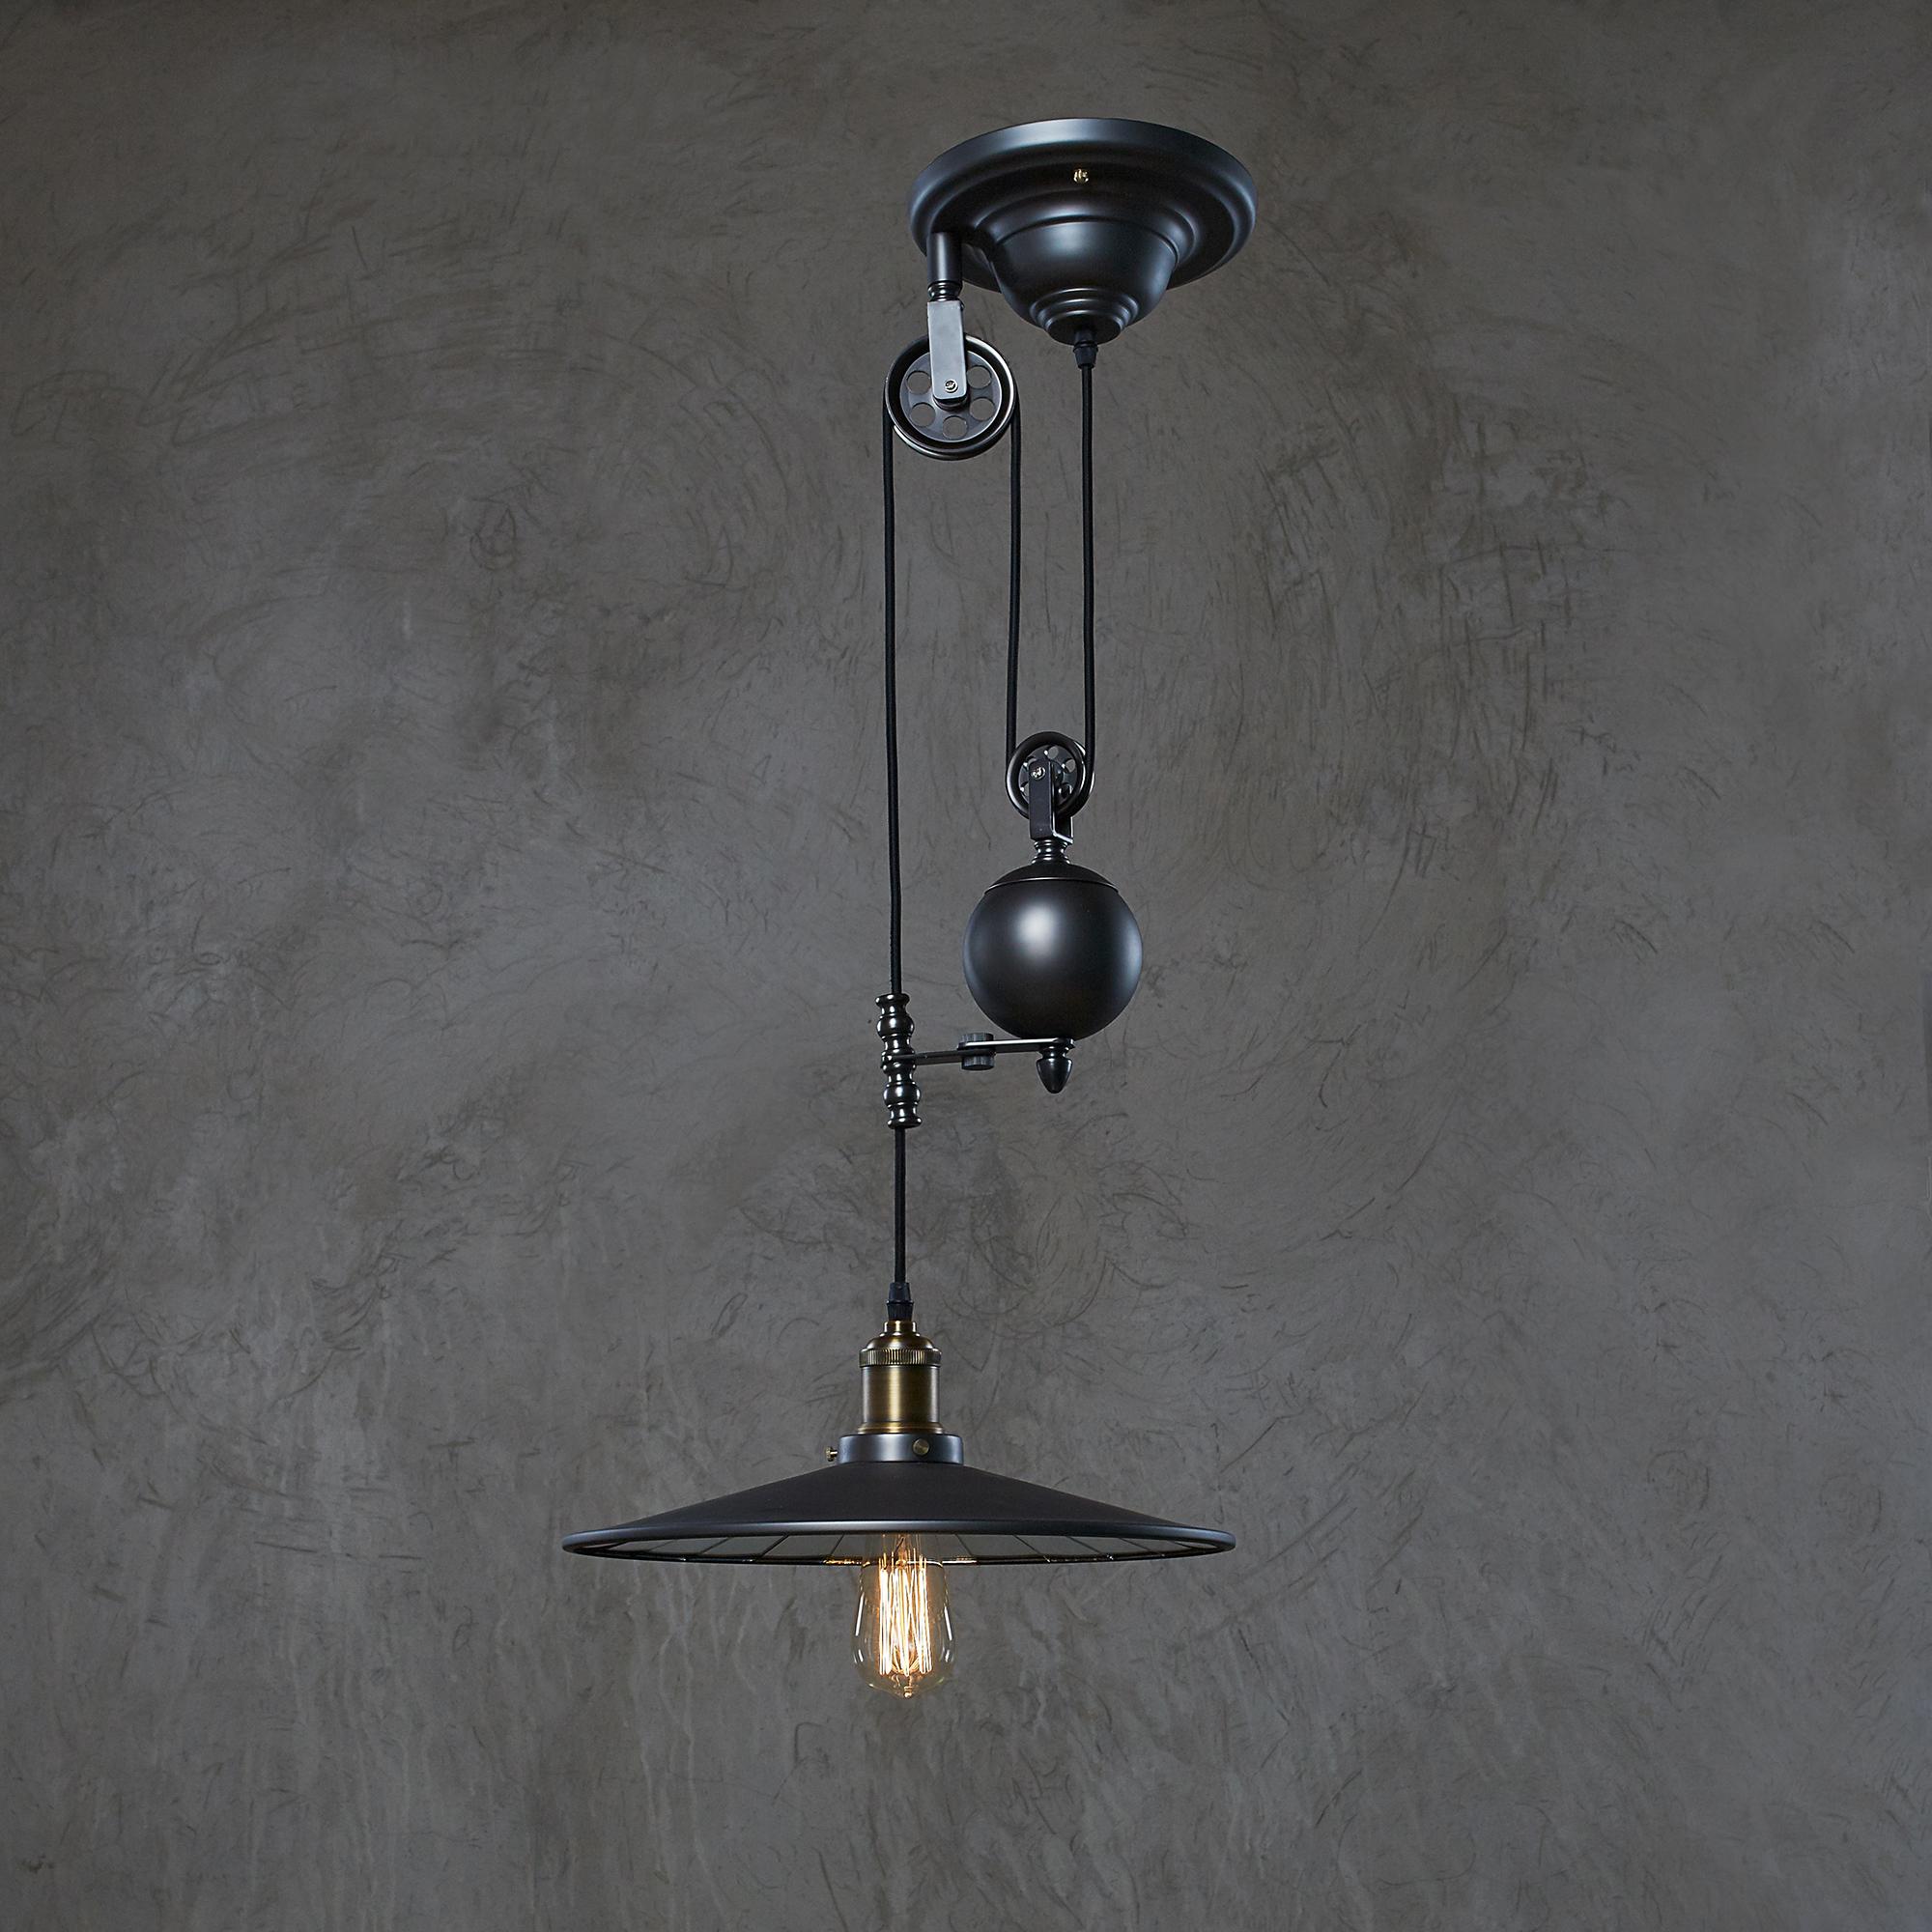 Оригинальный дизайн черной люстры в стиле лофт